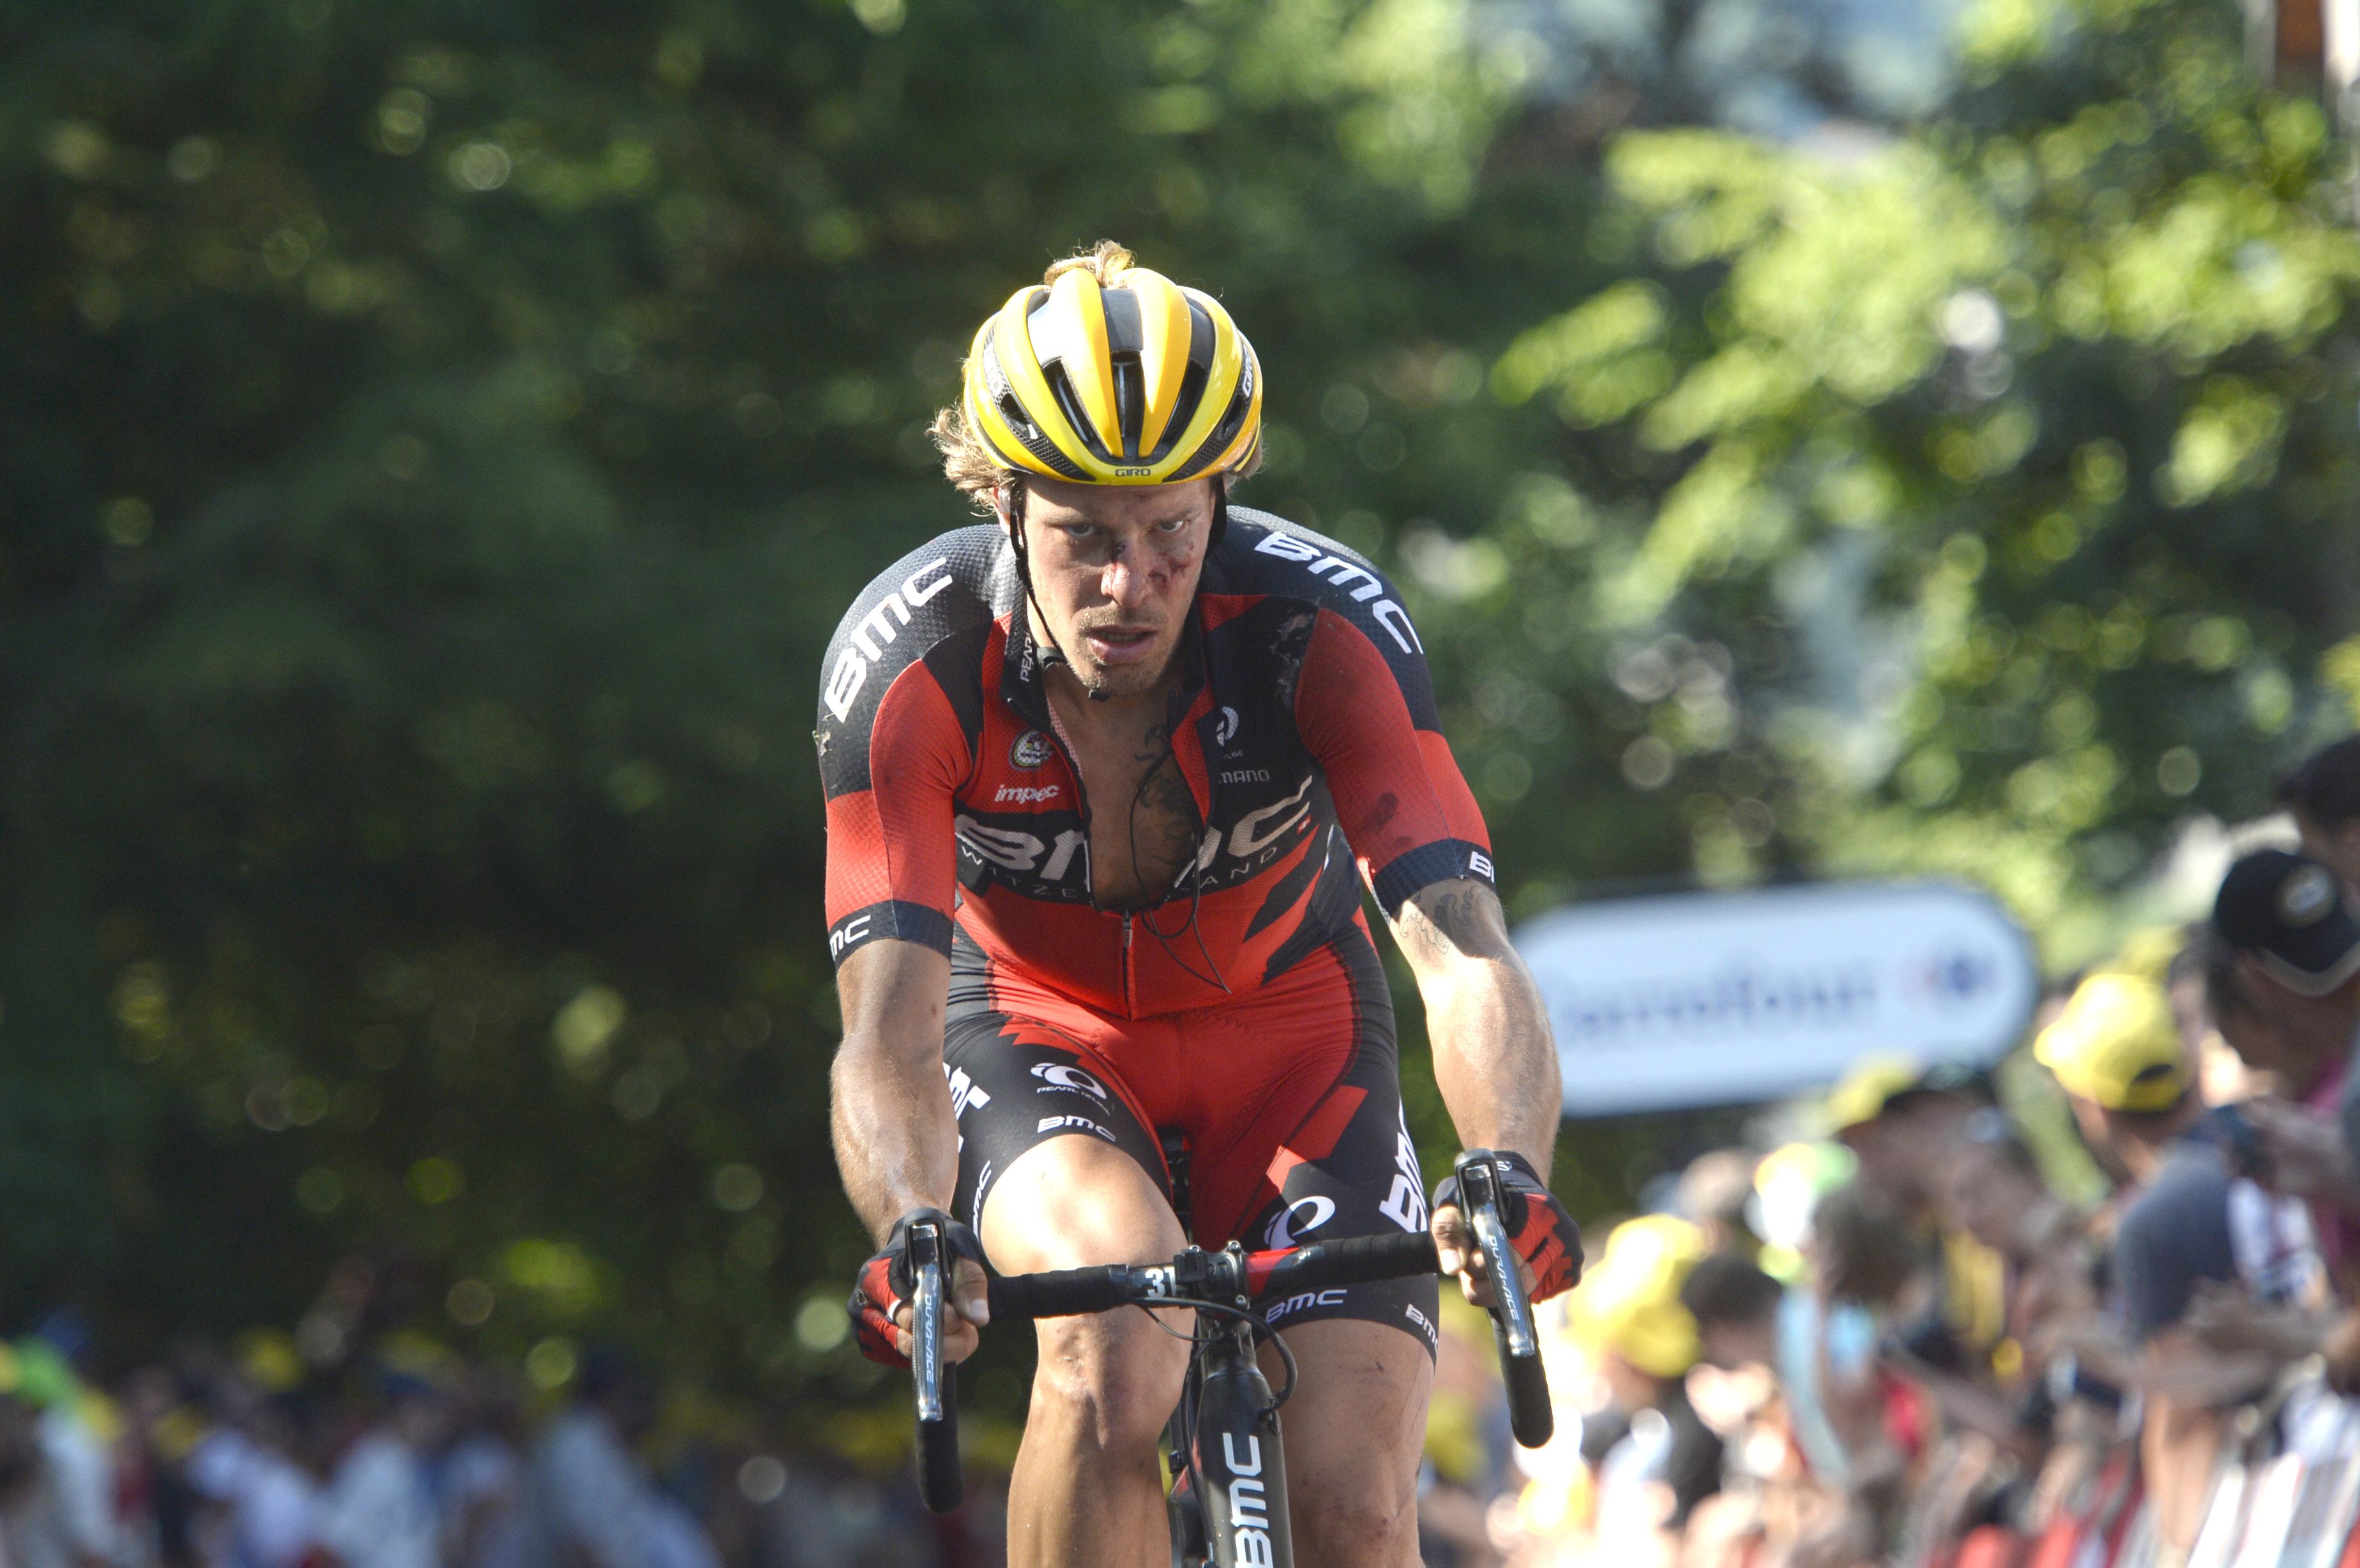 Daniel Oss - Tour de France 2015. (pic: Sirotti)